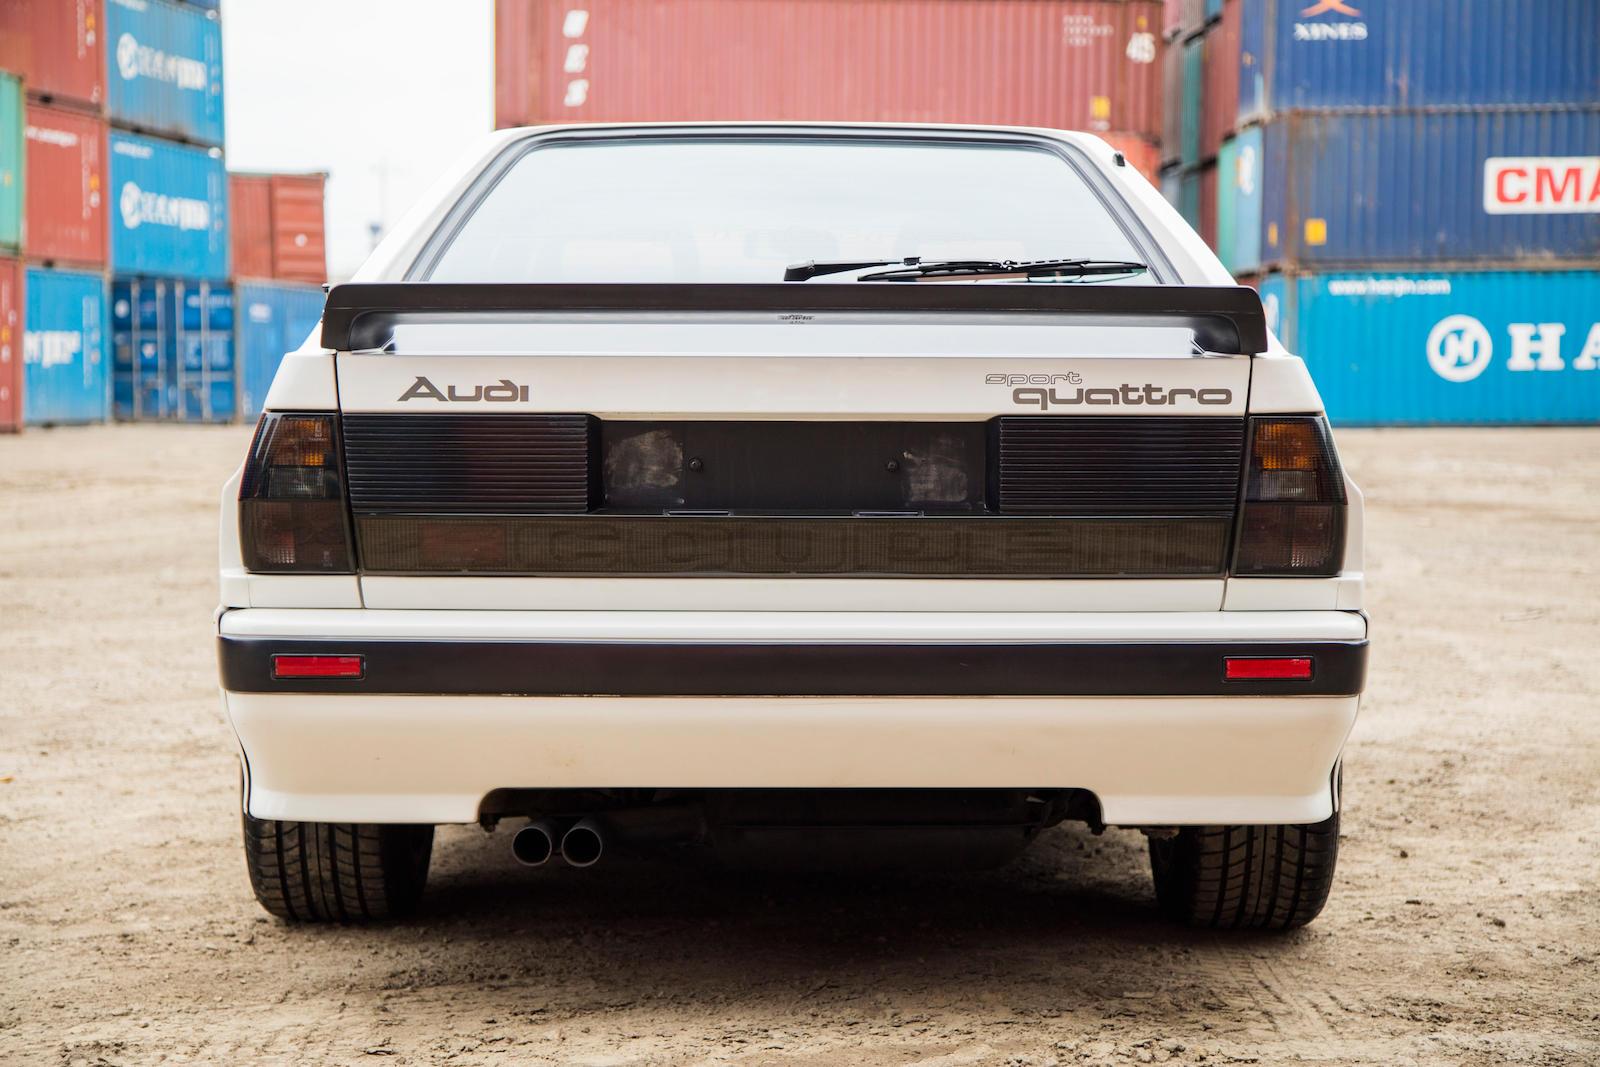 Audi Sport Quattro S SPRZEDANE Giełda Klasyków - Audi quattro